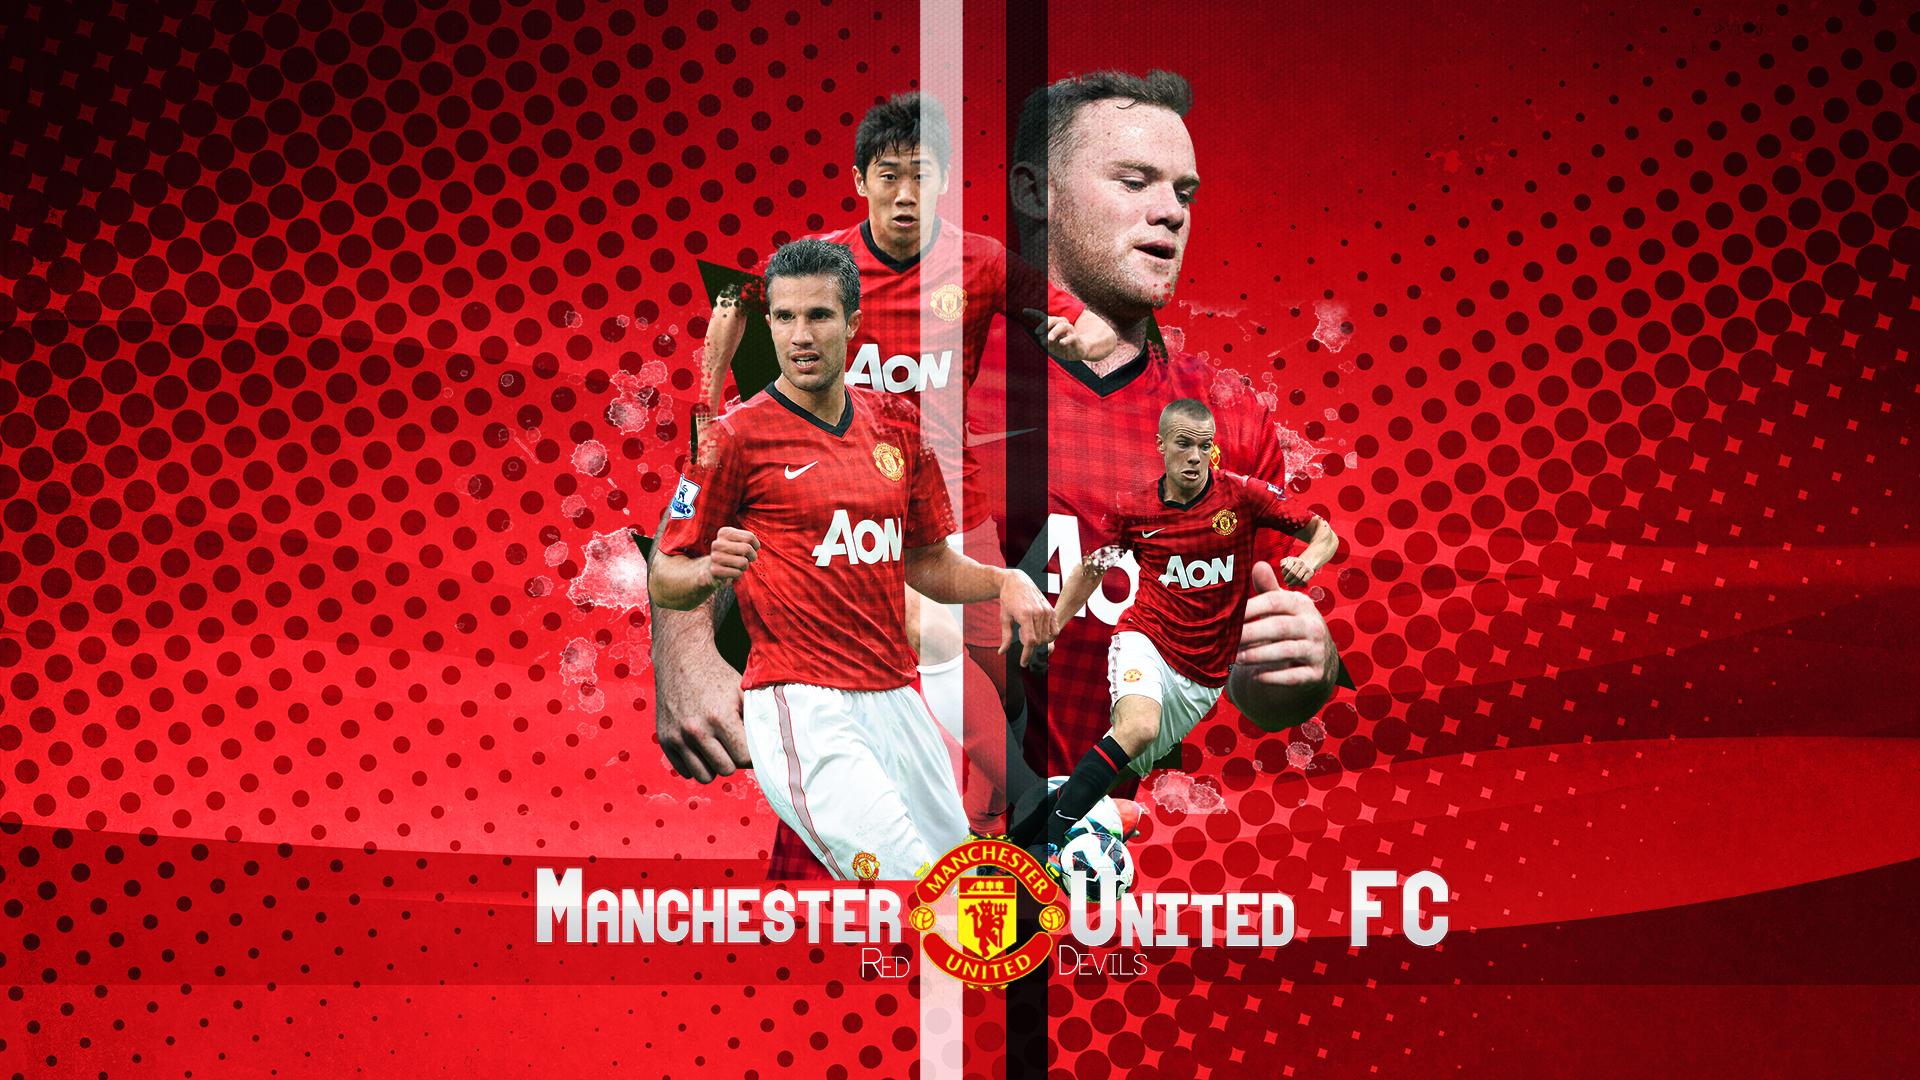 David De Gea Wallpaper Hd Manchester United Backgrounds Pixelstalk Net